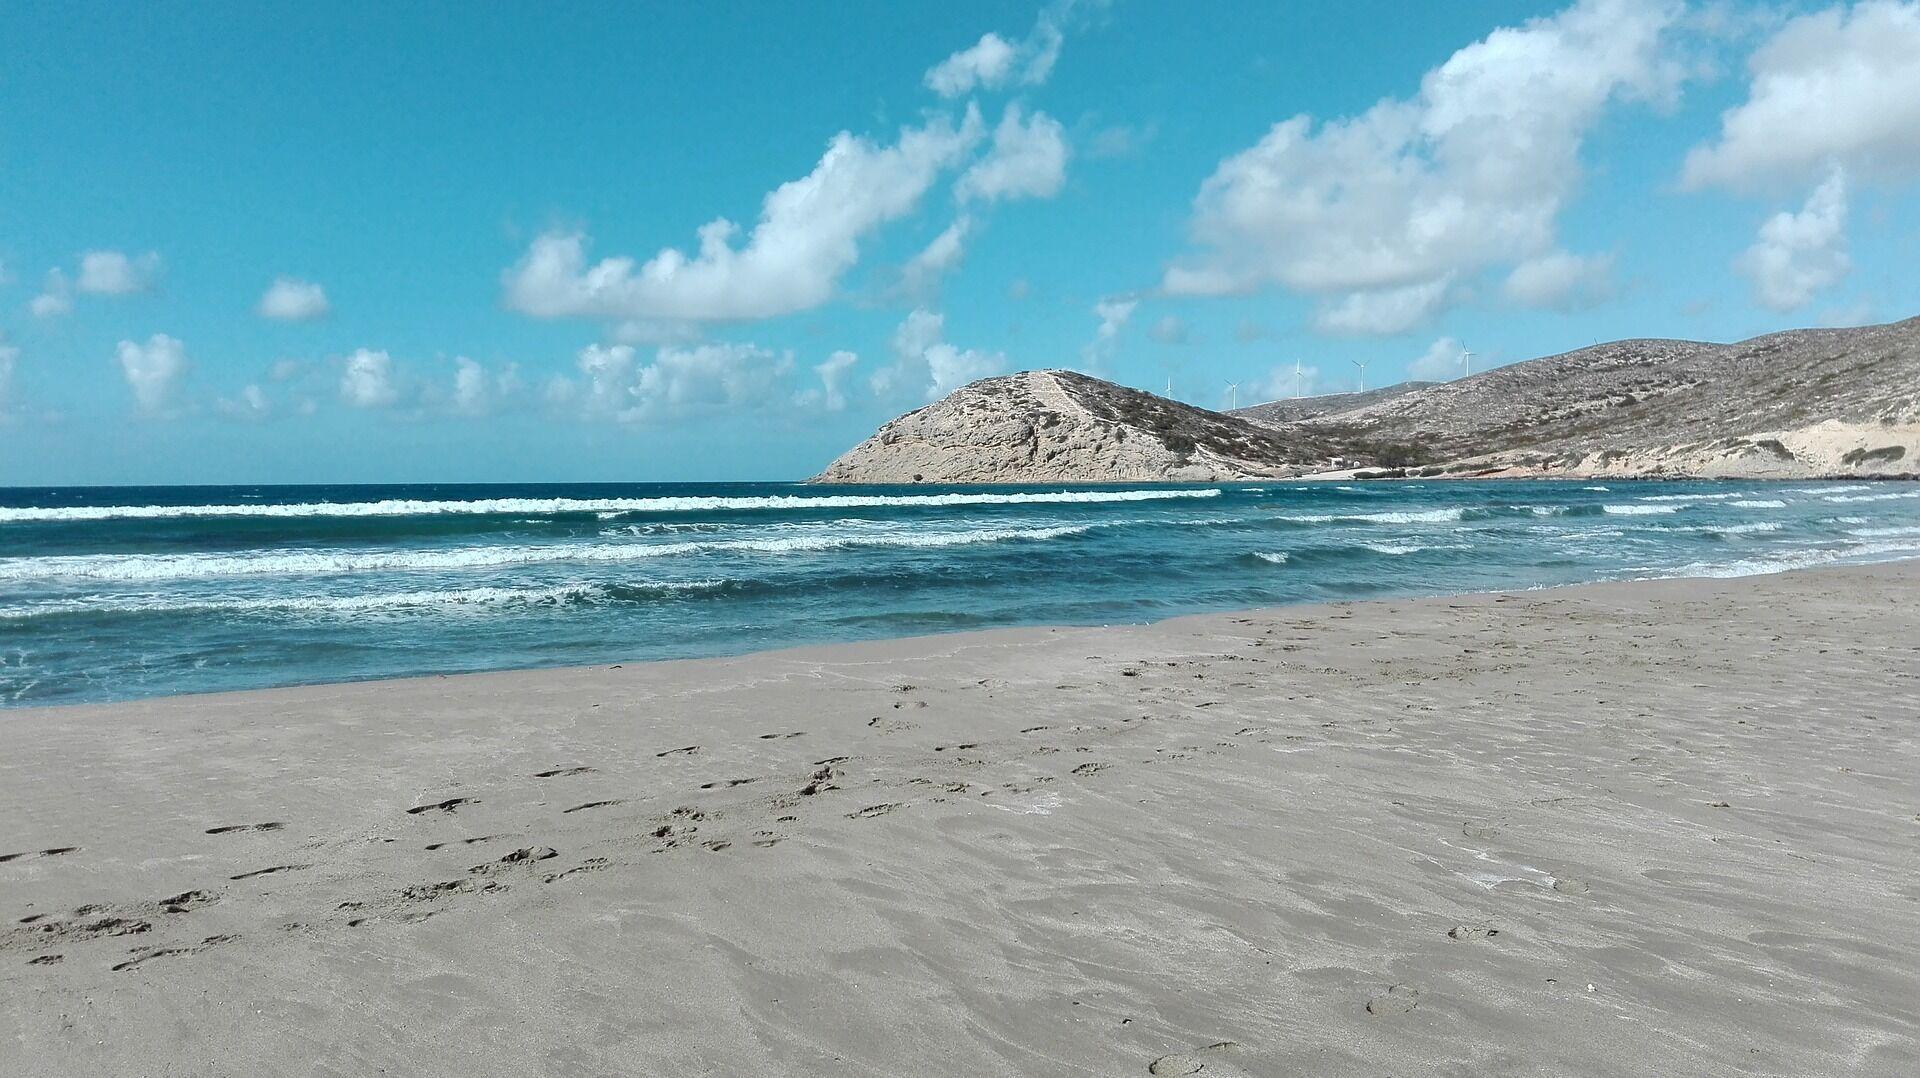 В сентябре стоит поехать отдыхать на пляжи Афинской Ривьеры